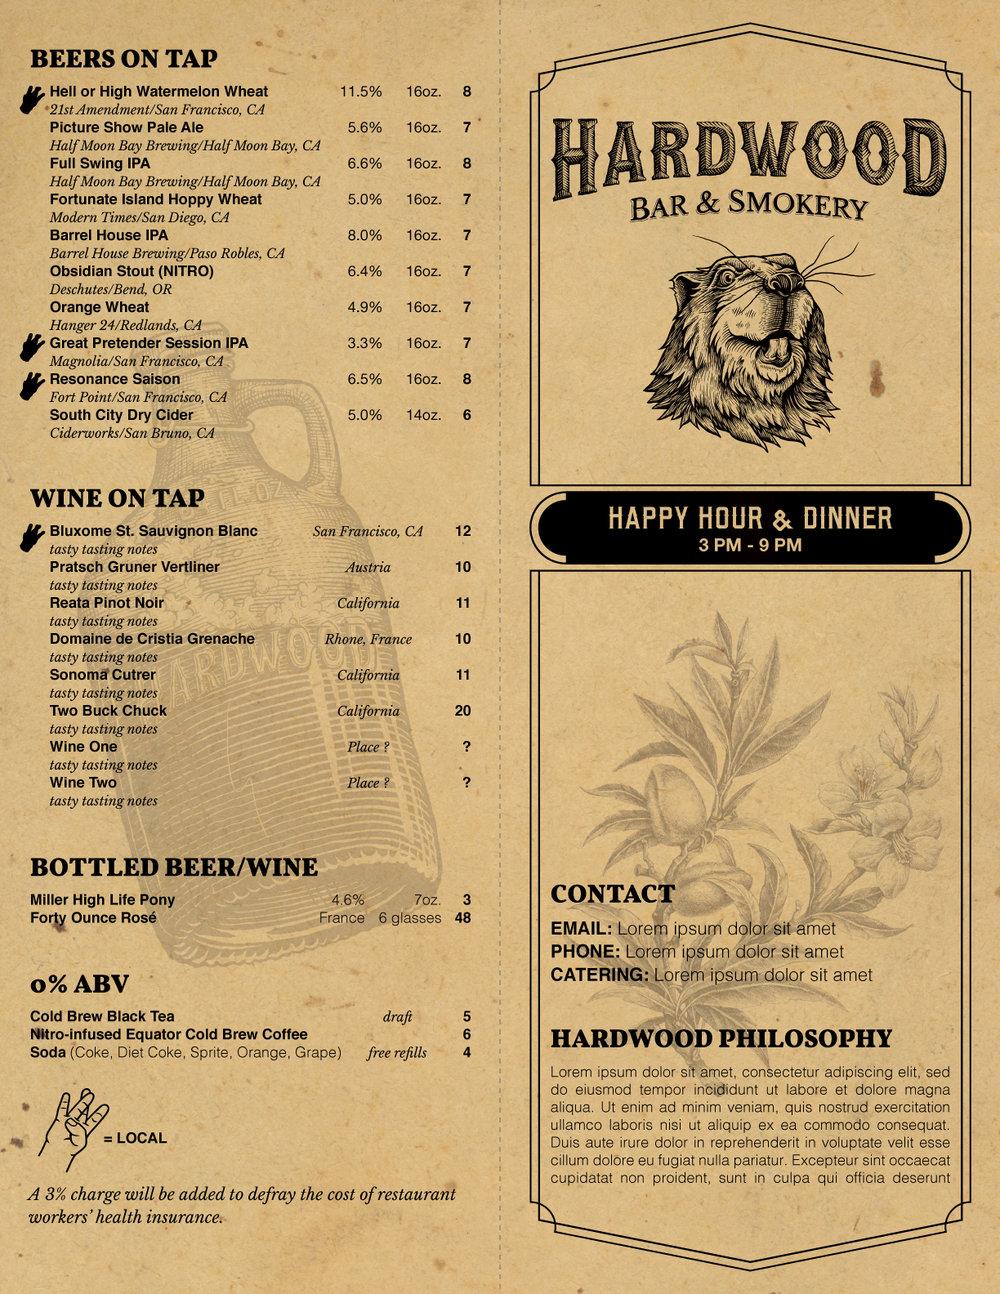 HardwoodMenu_HappyHourDinner_FrontBack_v5.jpg